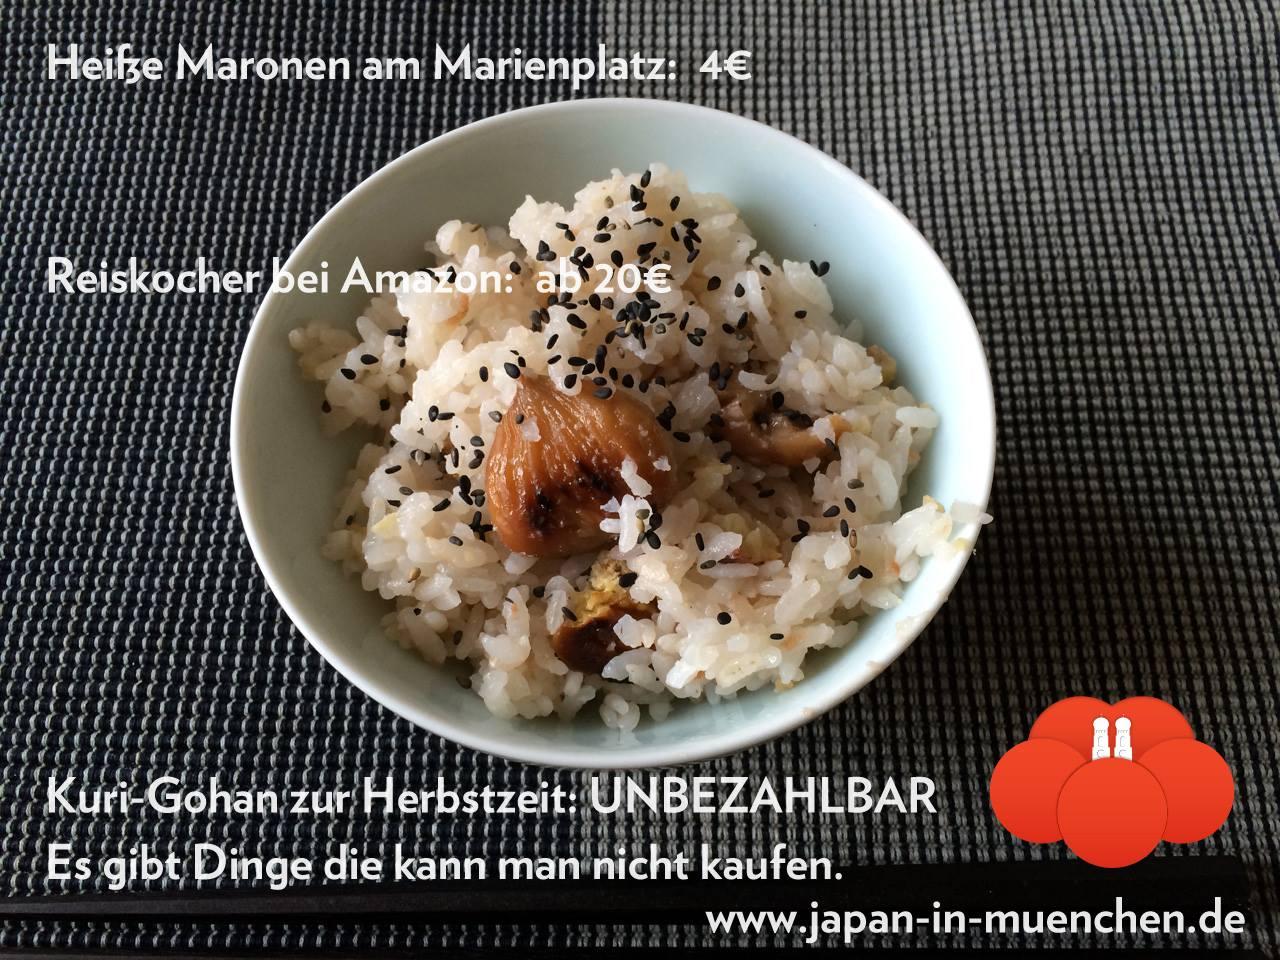 Japan-in-Muenchen-Kuri-Gohan-zur-Herbstzeit-UNBEZAHLBAR-IMG_3262